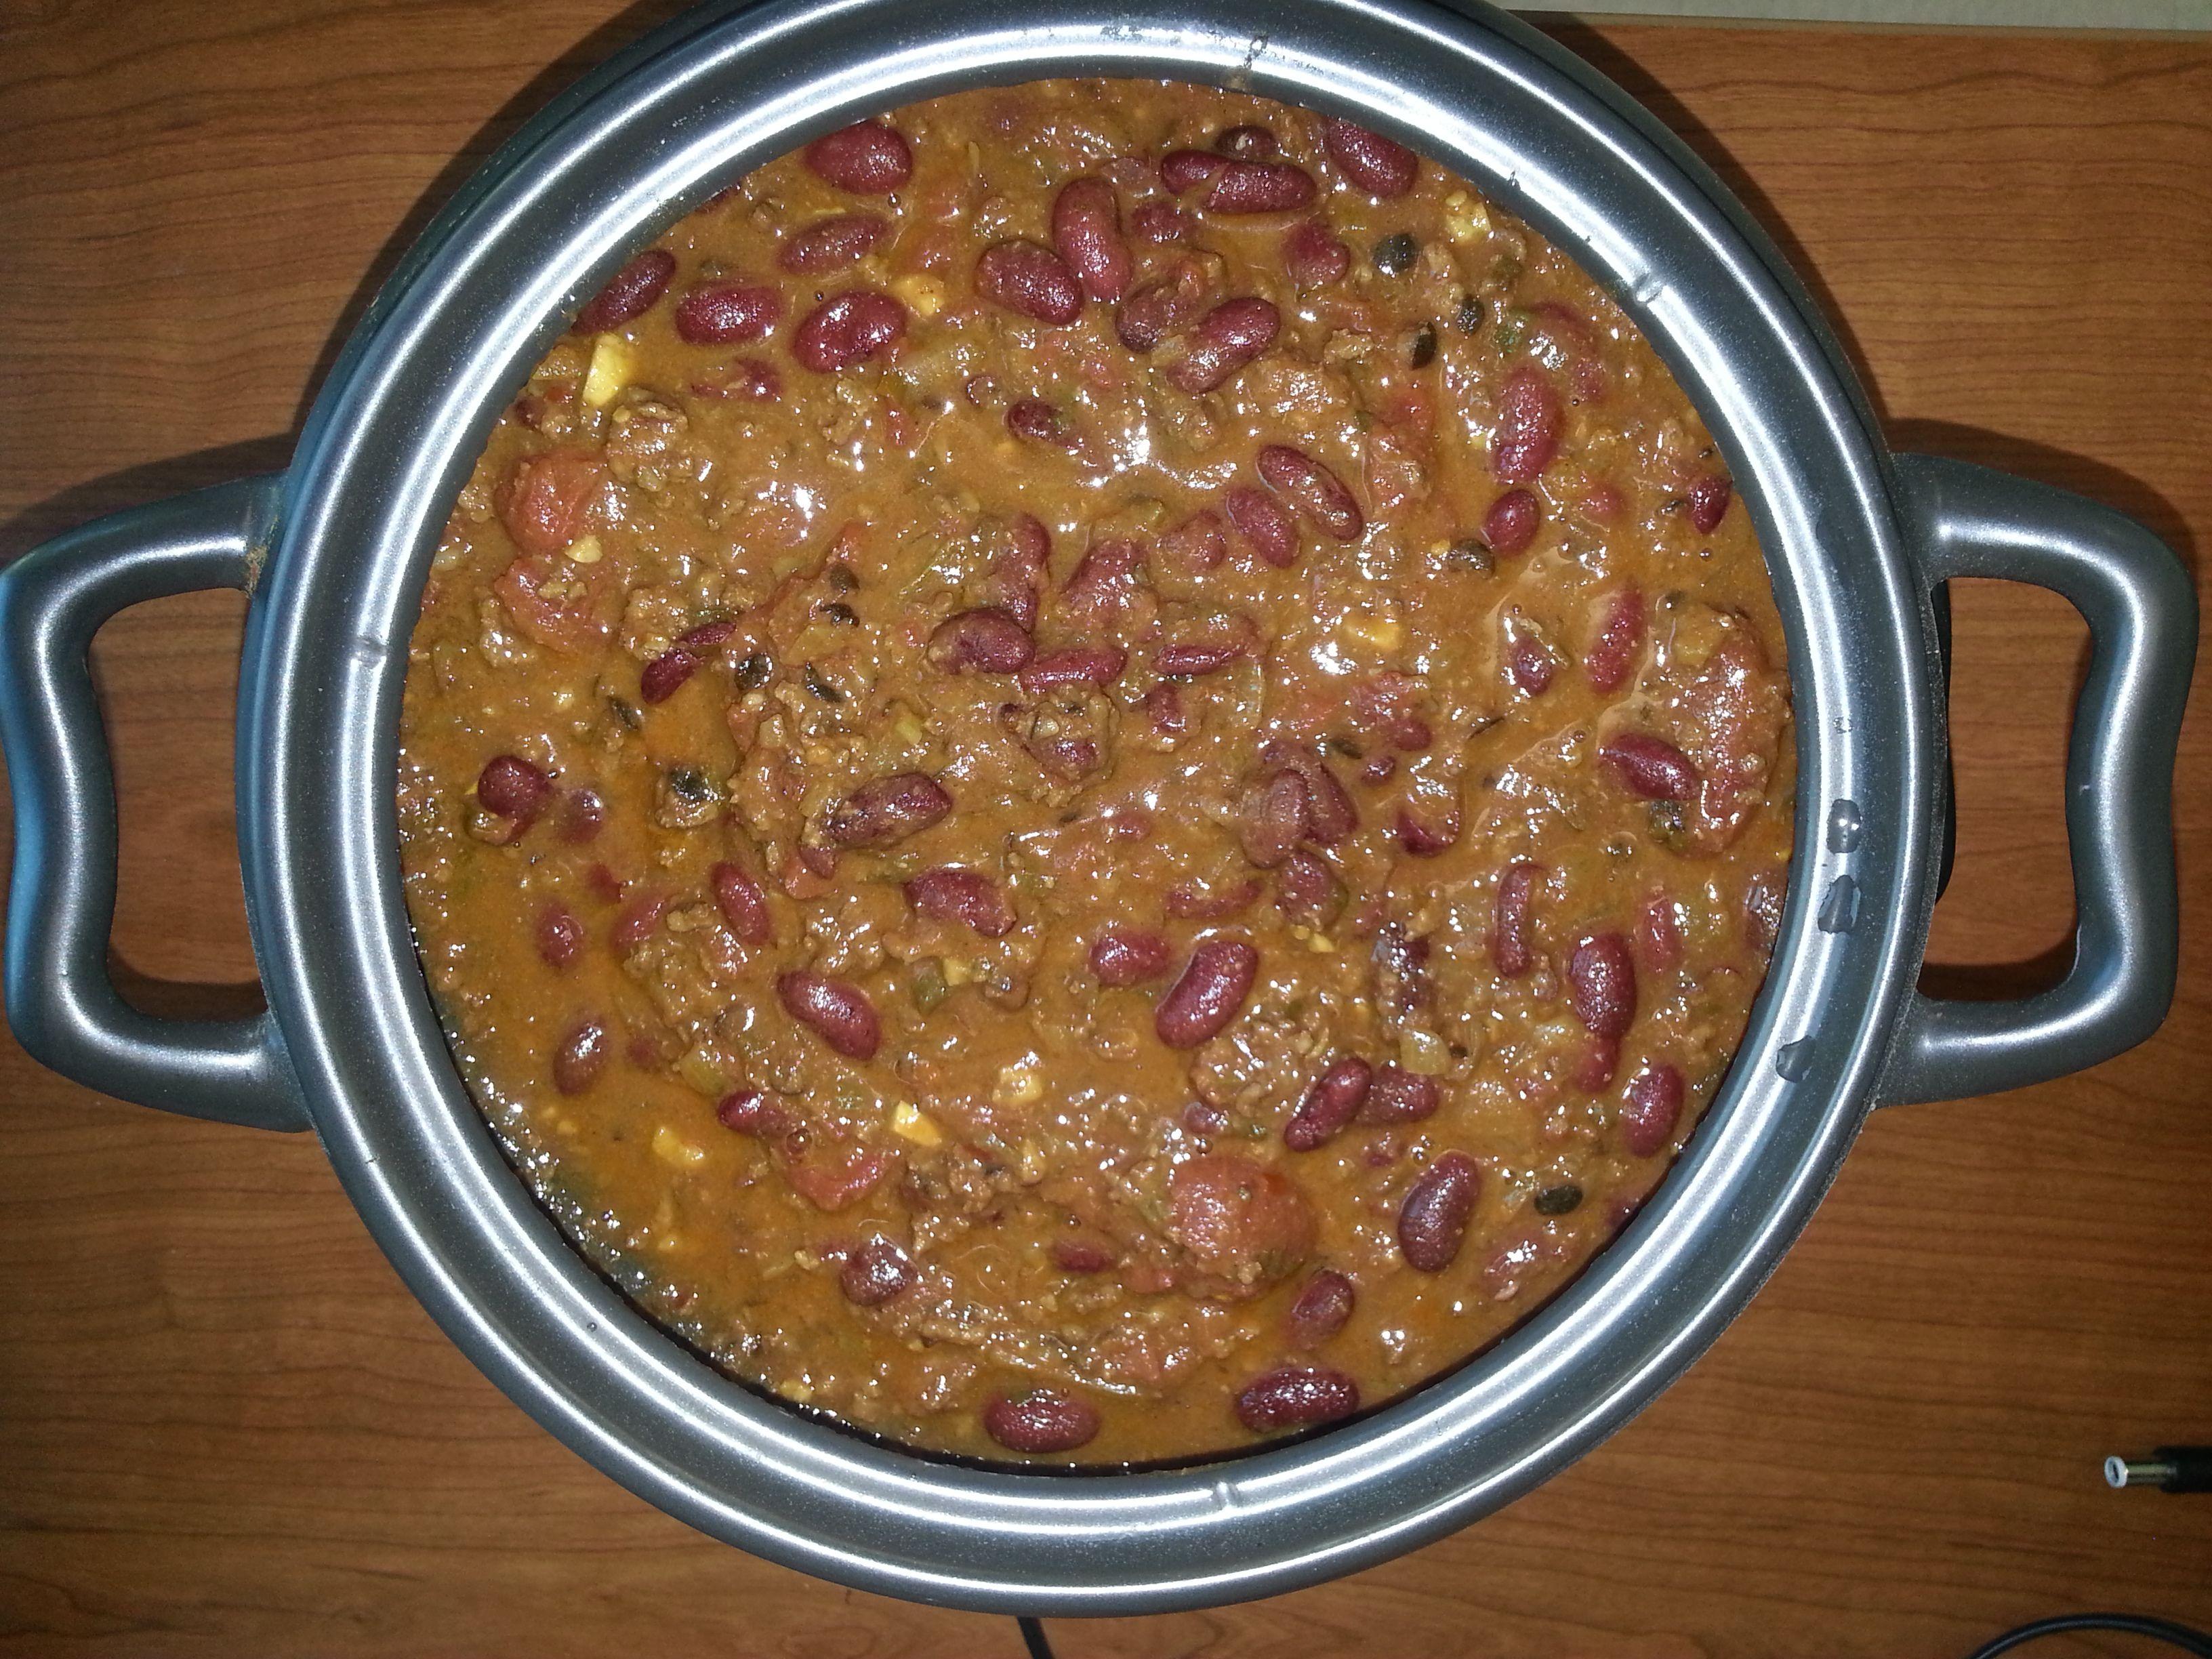 The Marlboro Award Winning Spicy Chili Recipe Food Com Recipe Recipes Marlboro Chili Recipe Chili